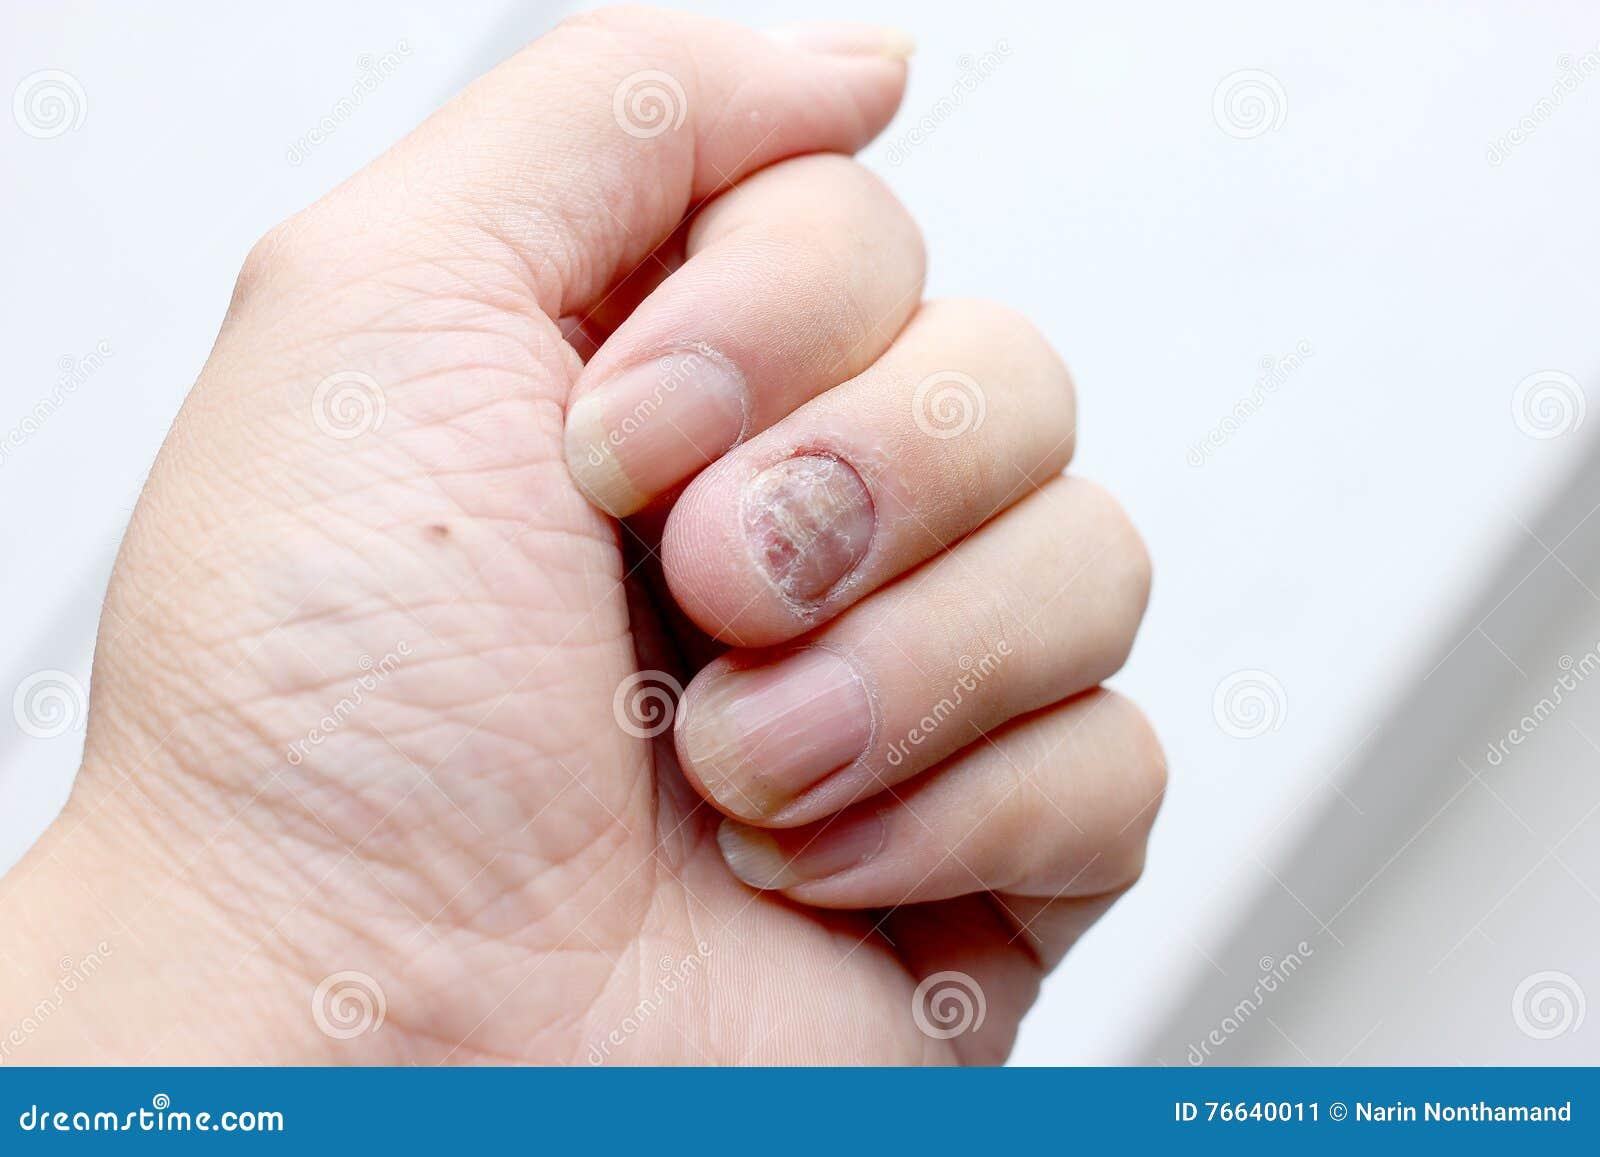 Грибная инфекция на ногтях руке, пальце с onychomycosis - мягкий фокус